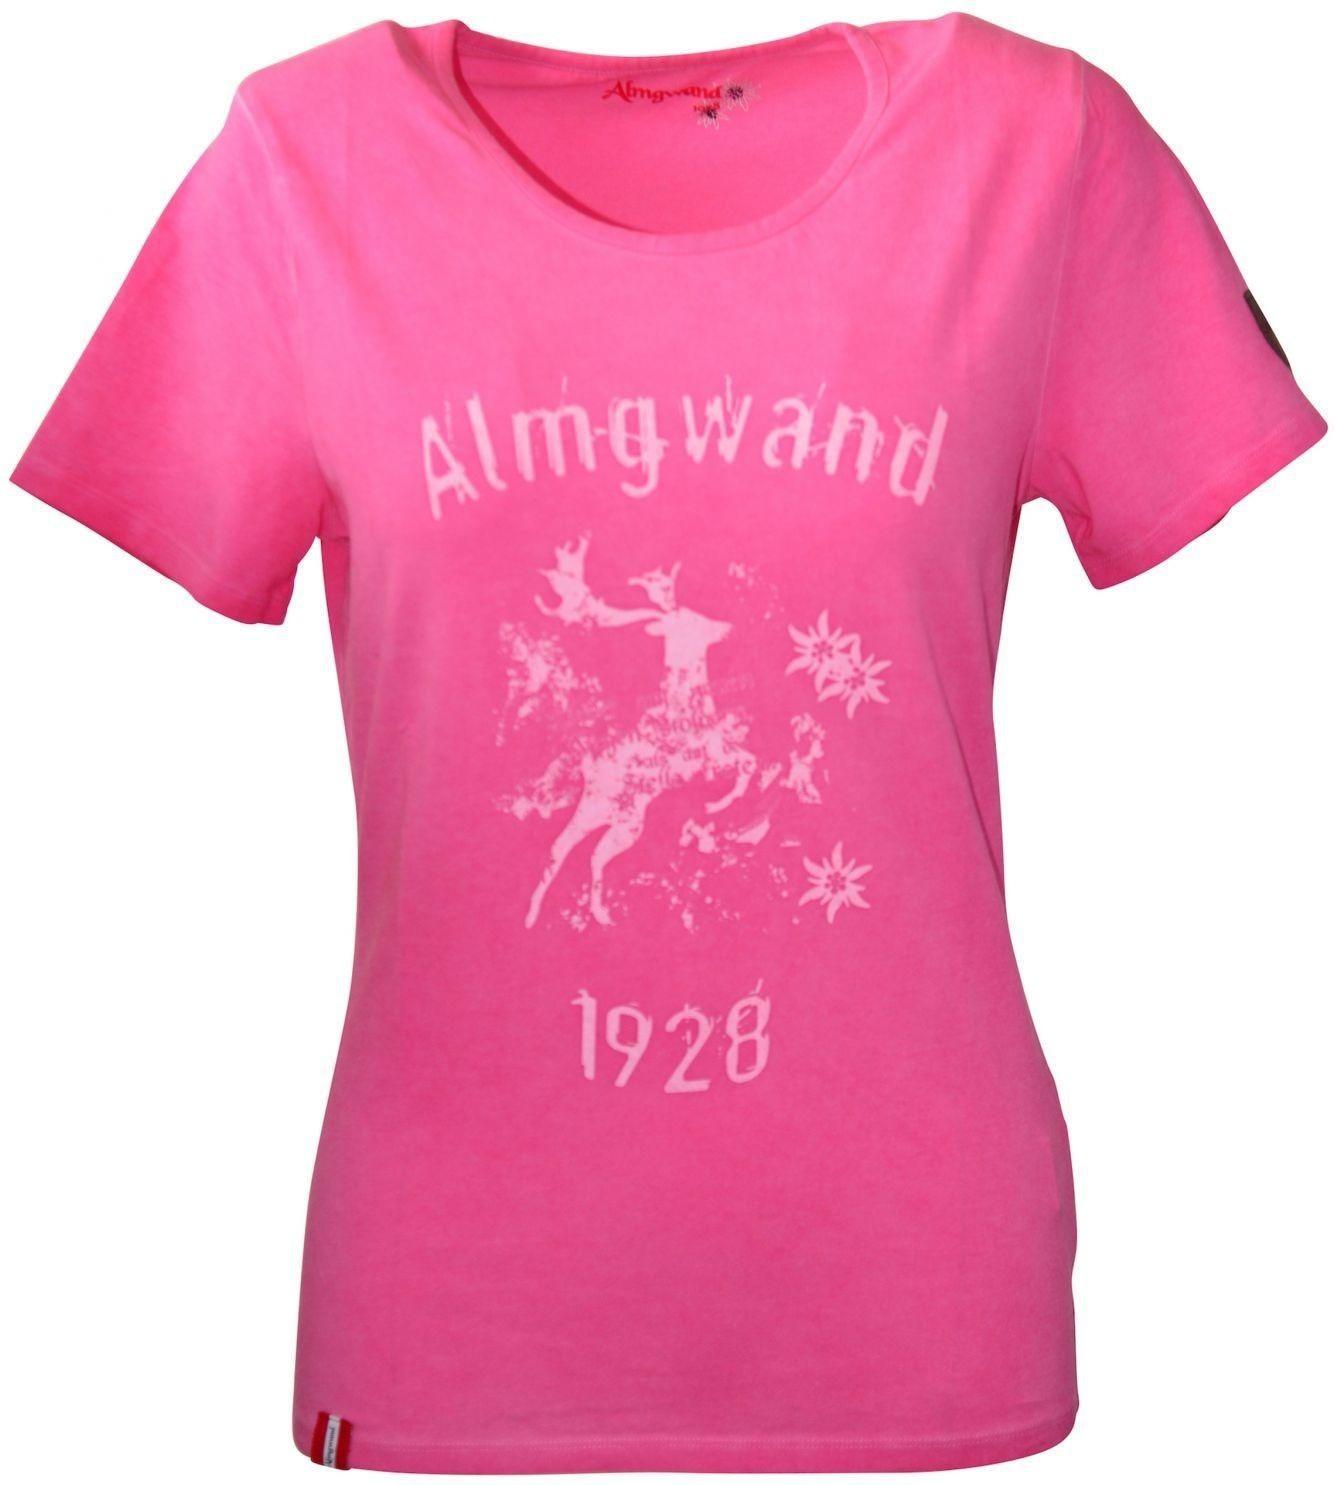 Almgwand Trachtenshirt Spitzalm (90802137)